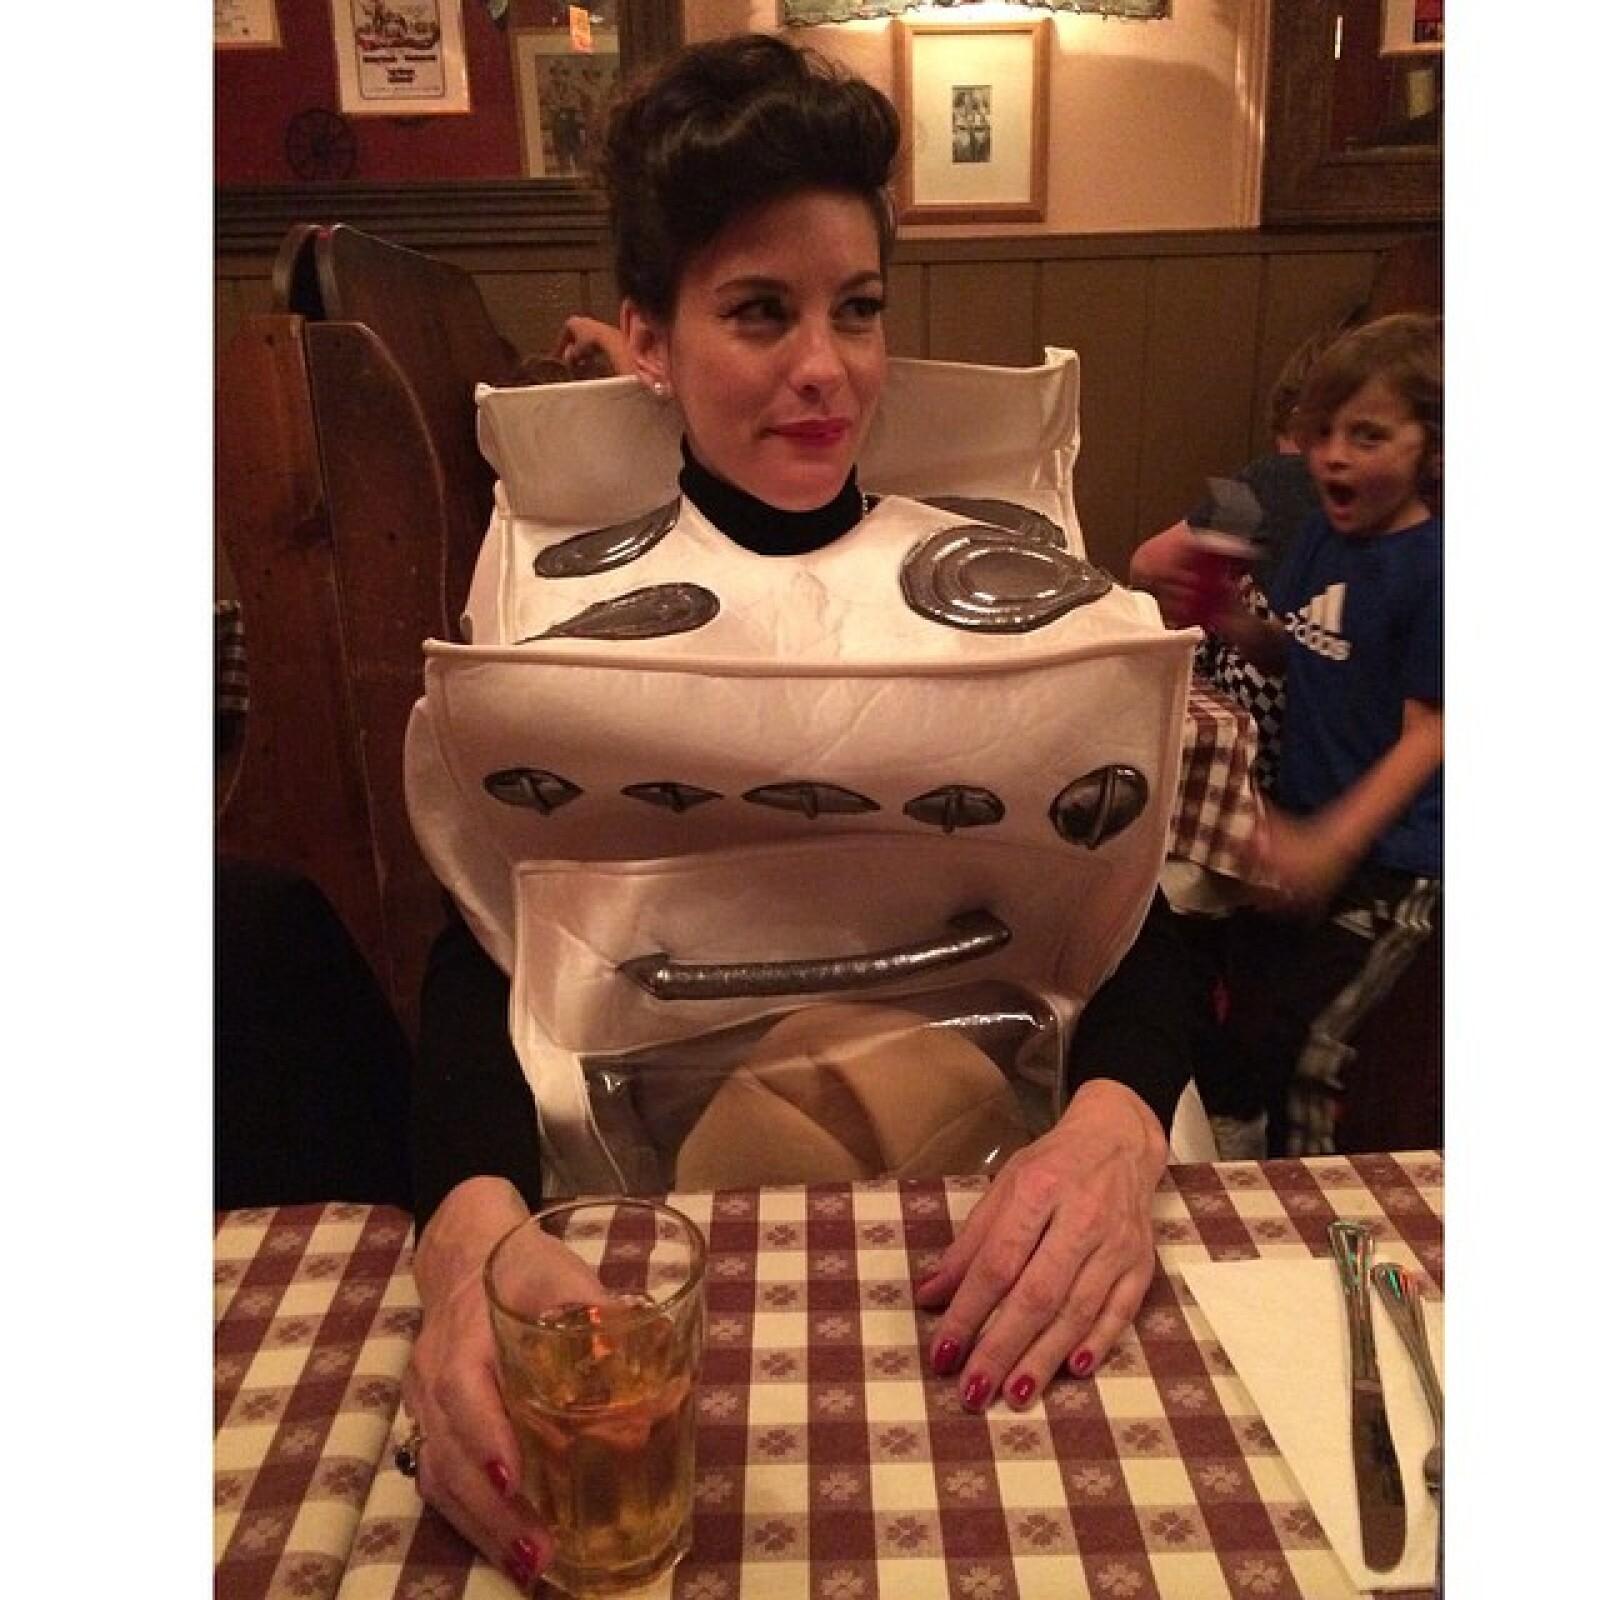 """Liv no sólo es una estufa sino que disfruta comer como una estufa: """"Bun in my oven"""", bromeó en su red social, Instagram."""